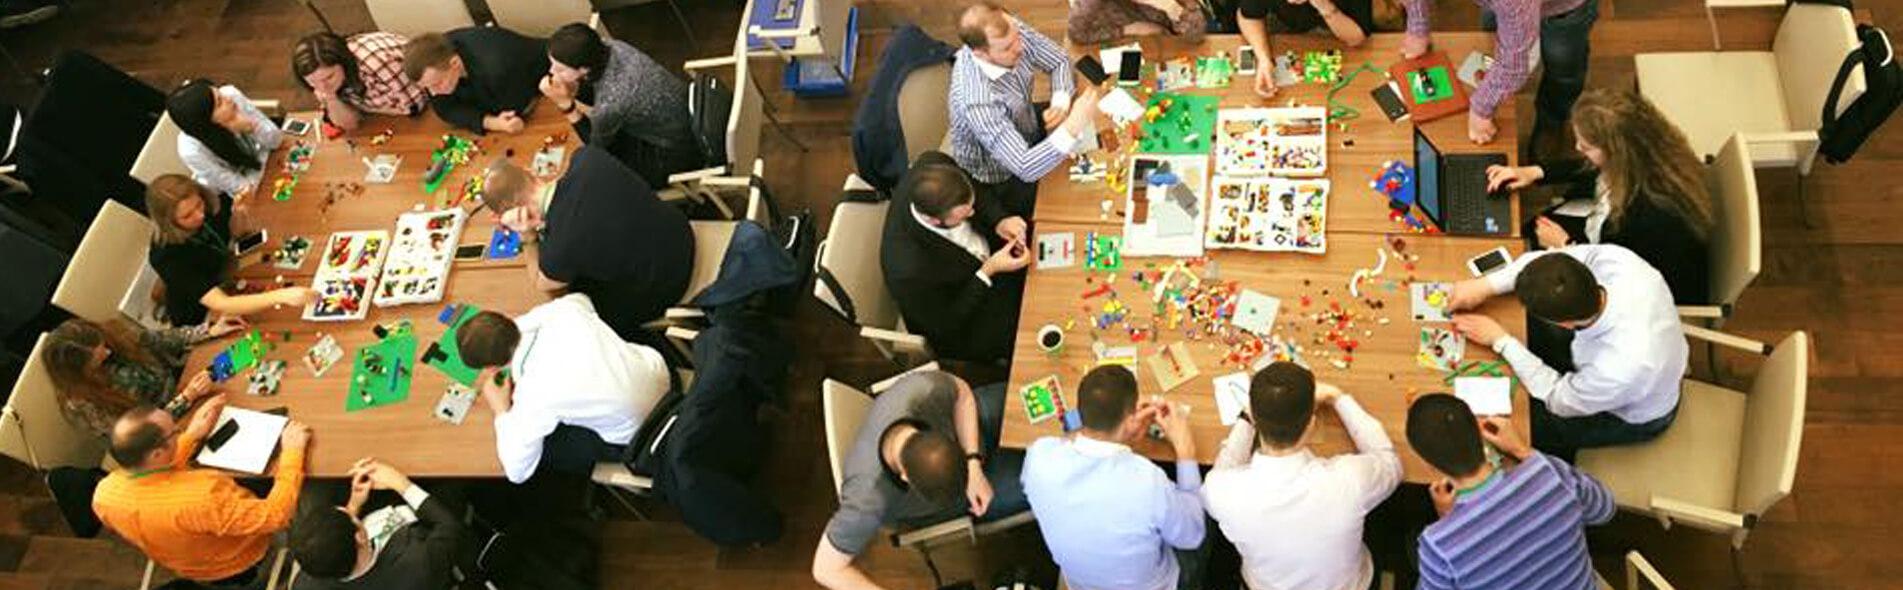 Игра Lego Serious Play